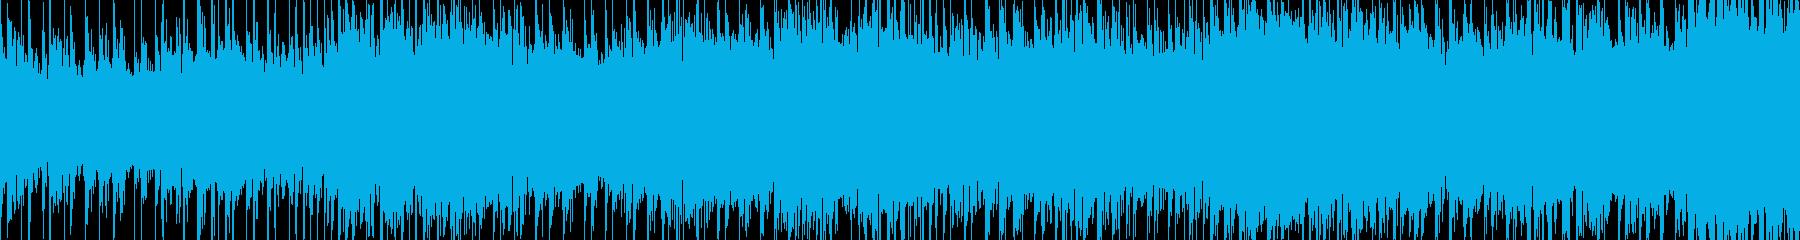 和風のループ曲の再生済みの波形